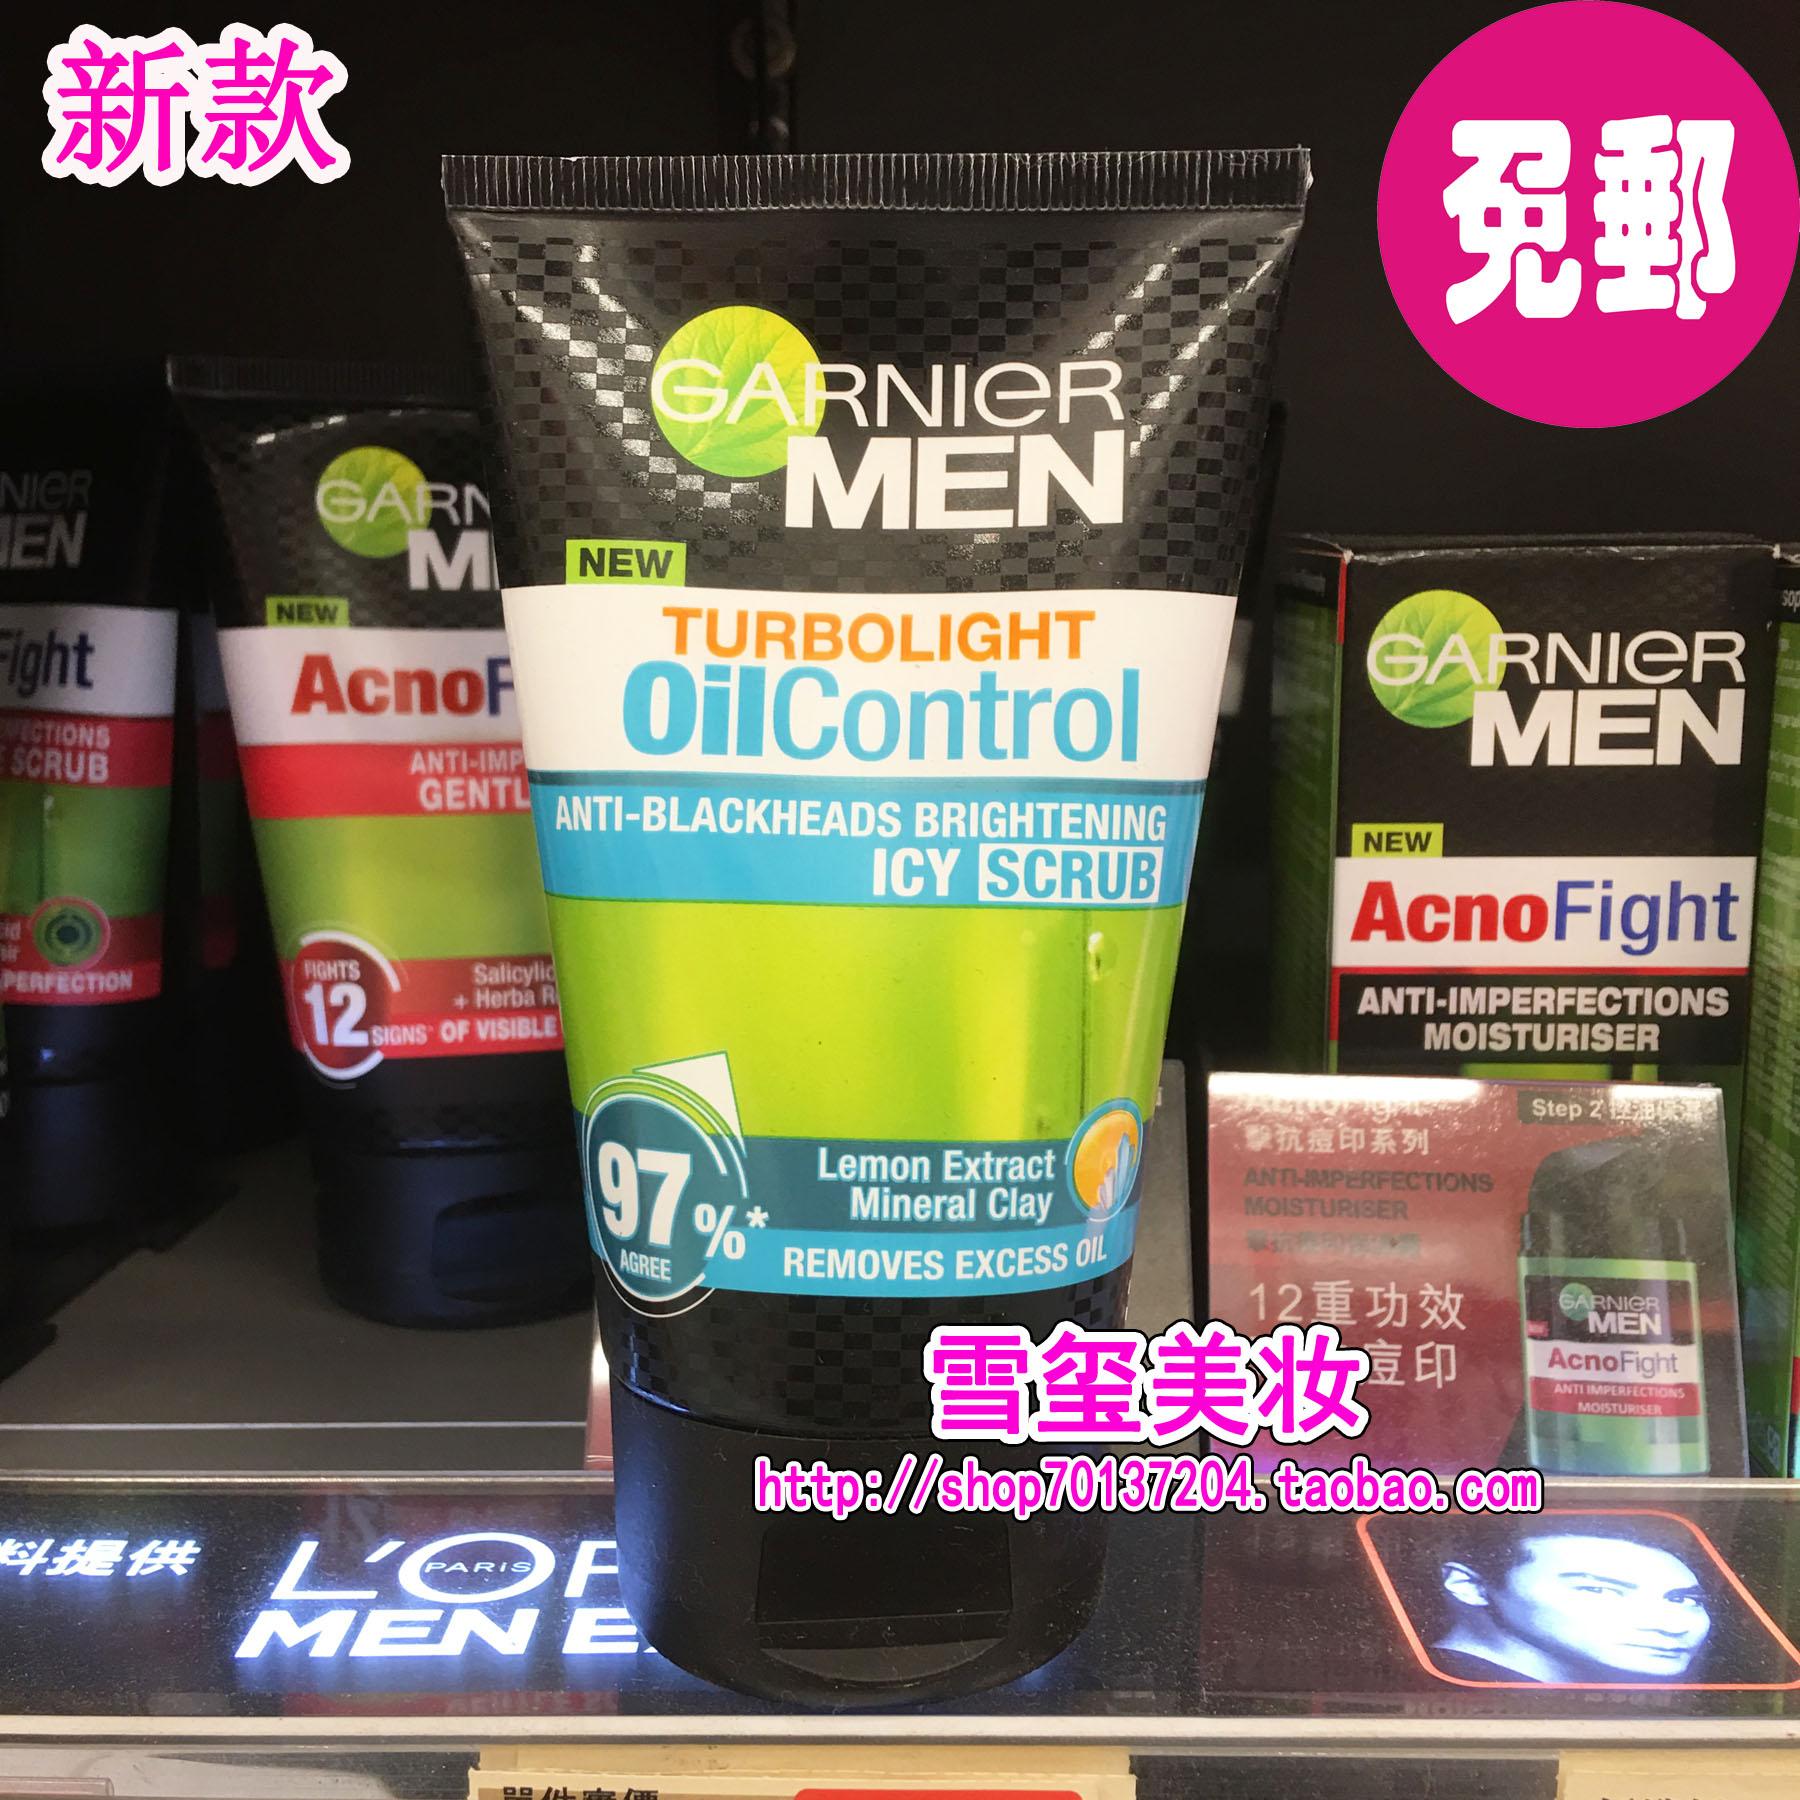 香港 男 洗面奶